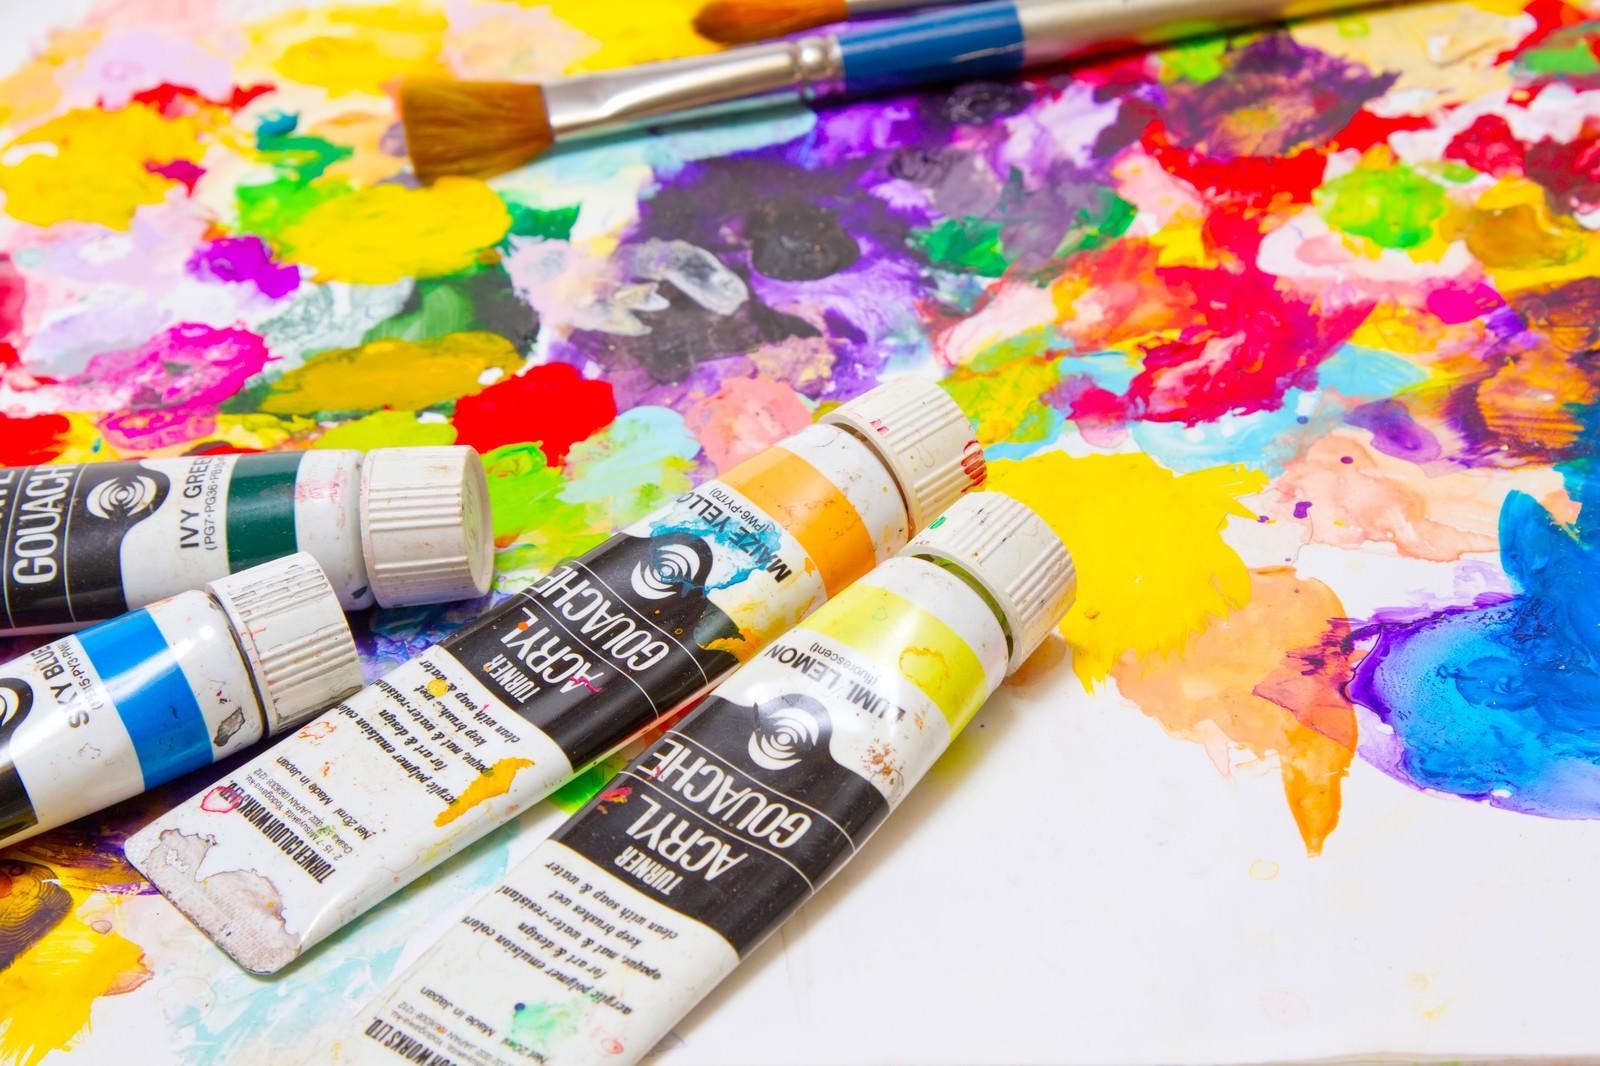 「散らばった絵の具とパレット散らばった絵の具とパレット」のフリー写真素材を拡大